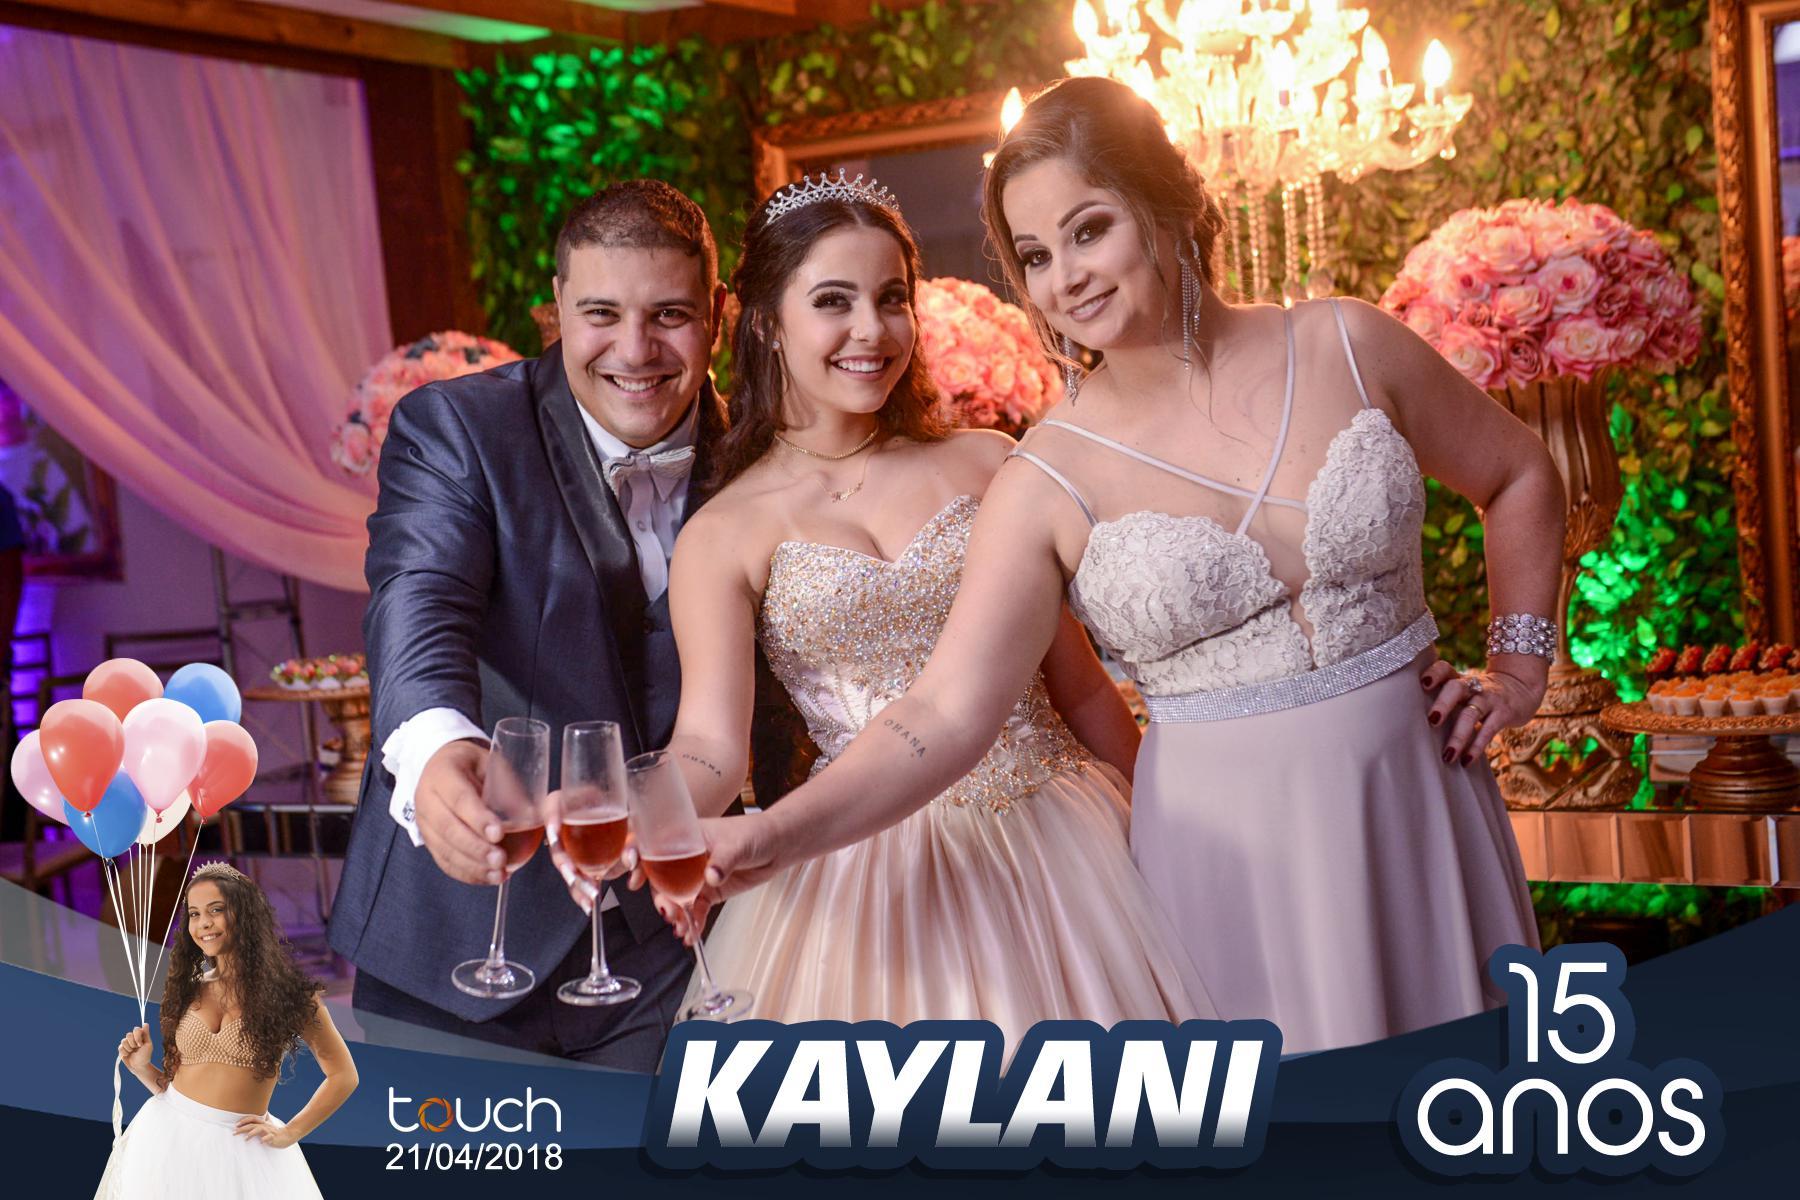 15 Anos Kaylani